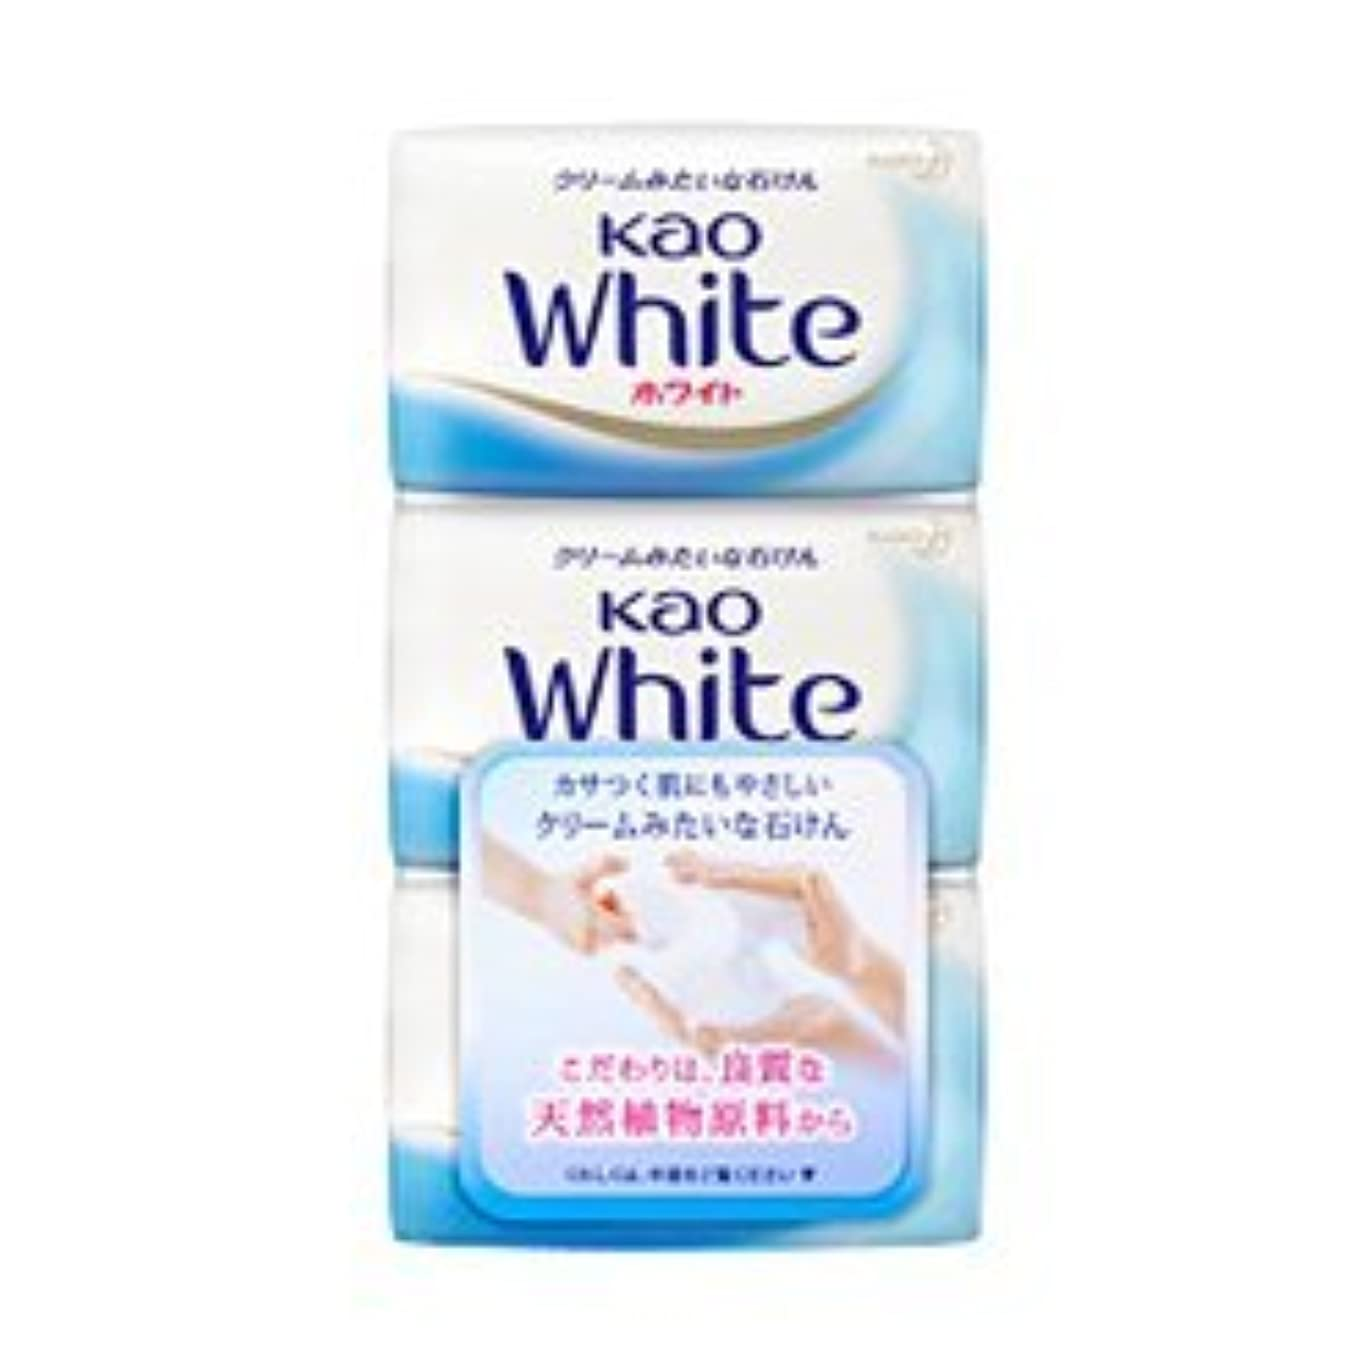 付添人責任者お香【花王】花王ホワイト レギュラーサイズ (85g×3個) ×5個セット